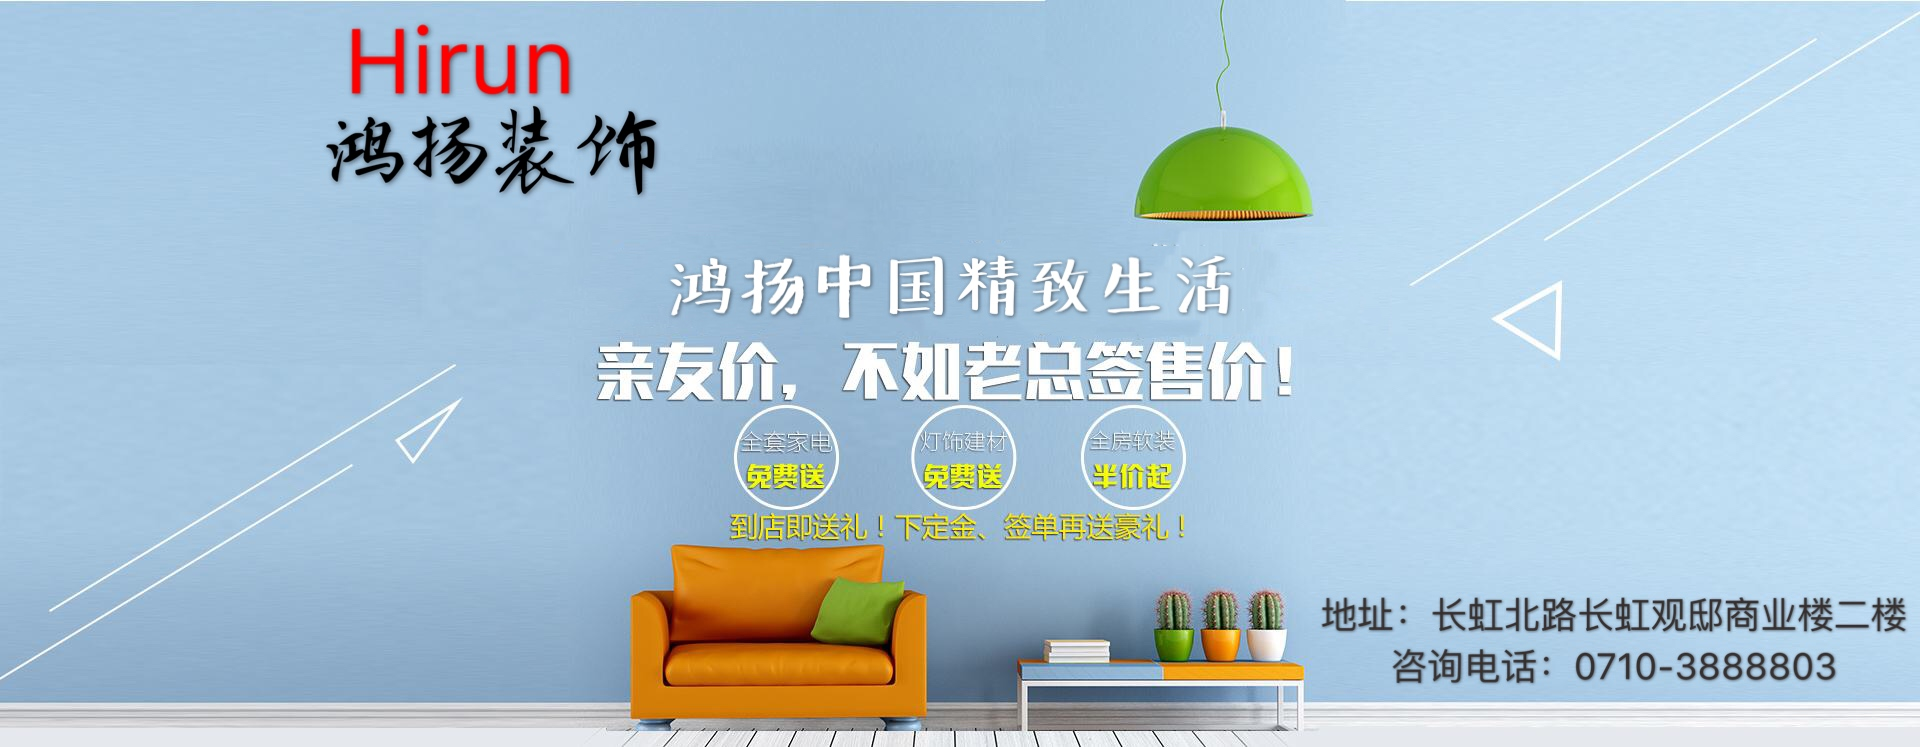 鸿扬中国精致生活--襄阳装修网